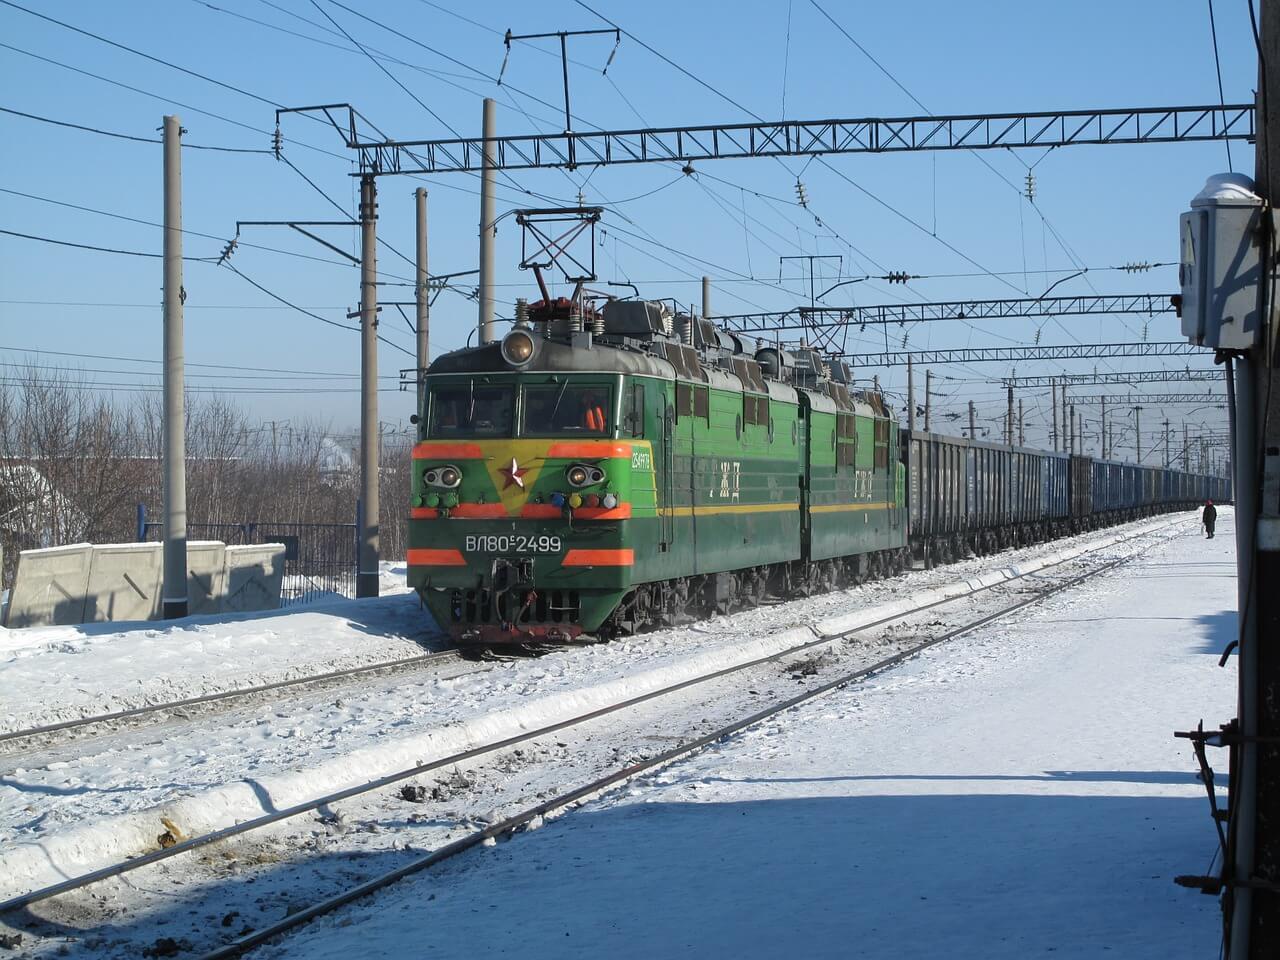 日本企業がシベリア鉄道で貨物輸送を計画 来月に試験運送